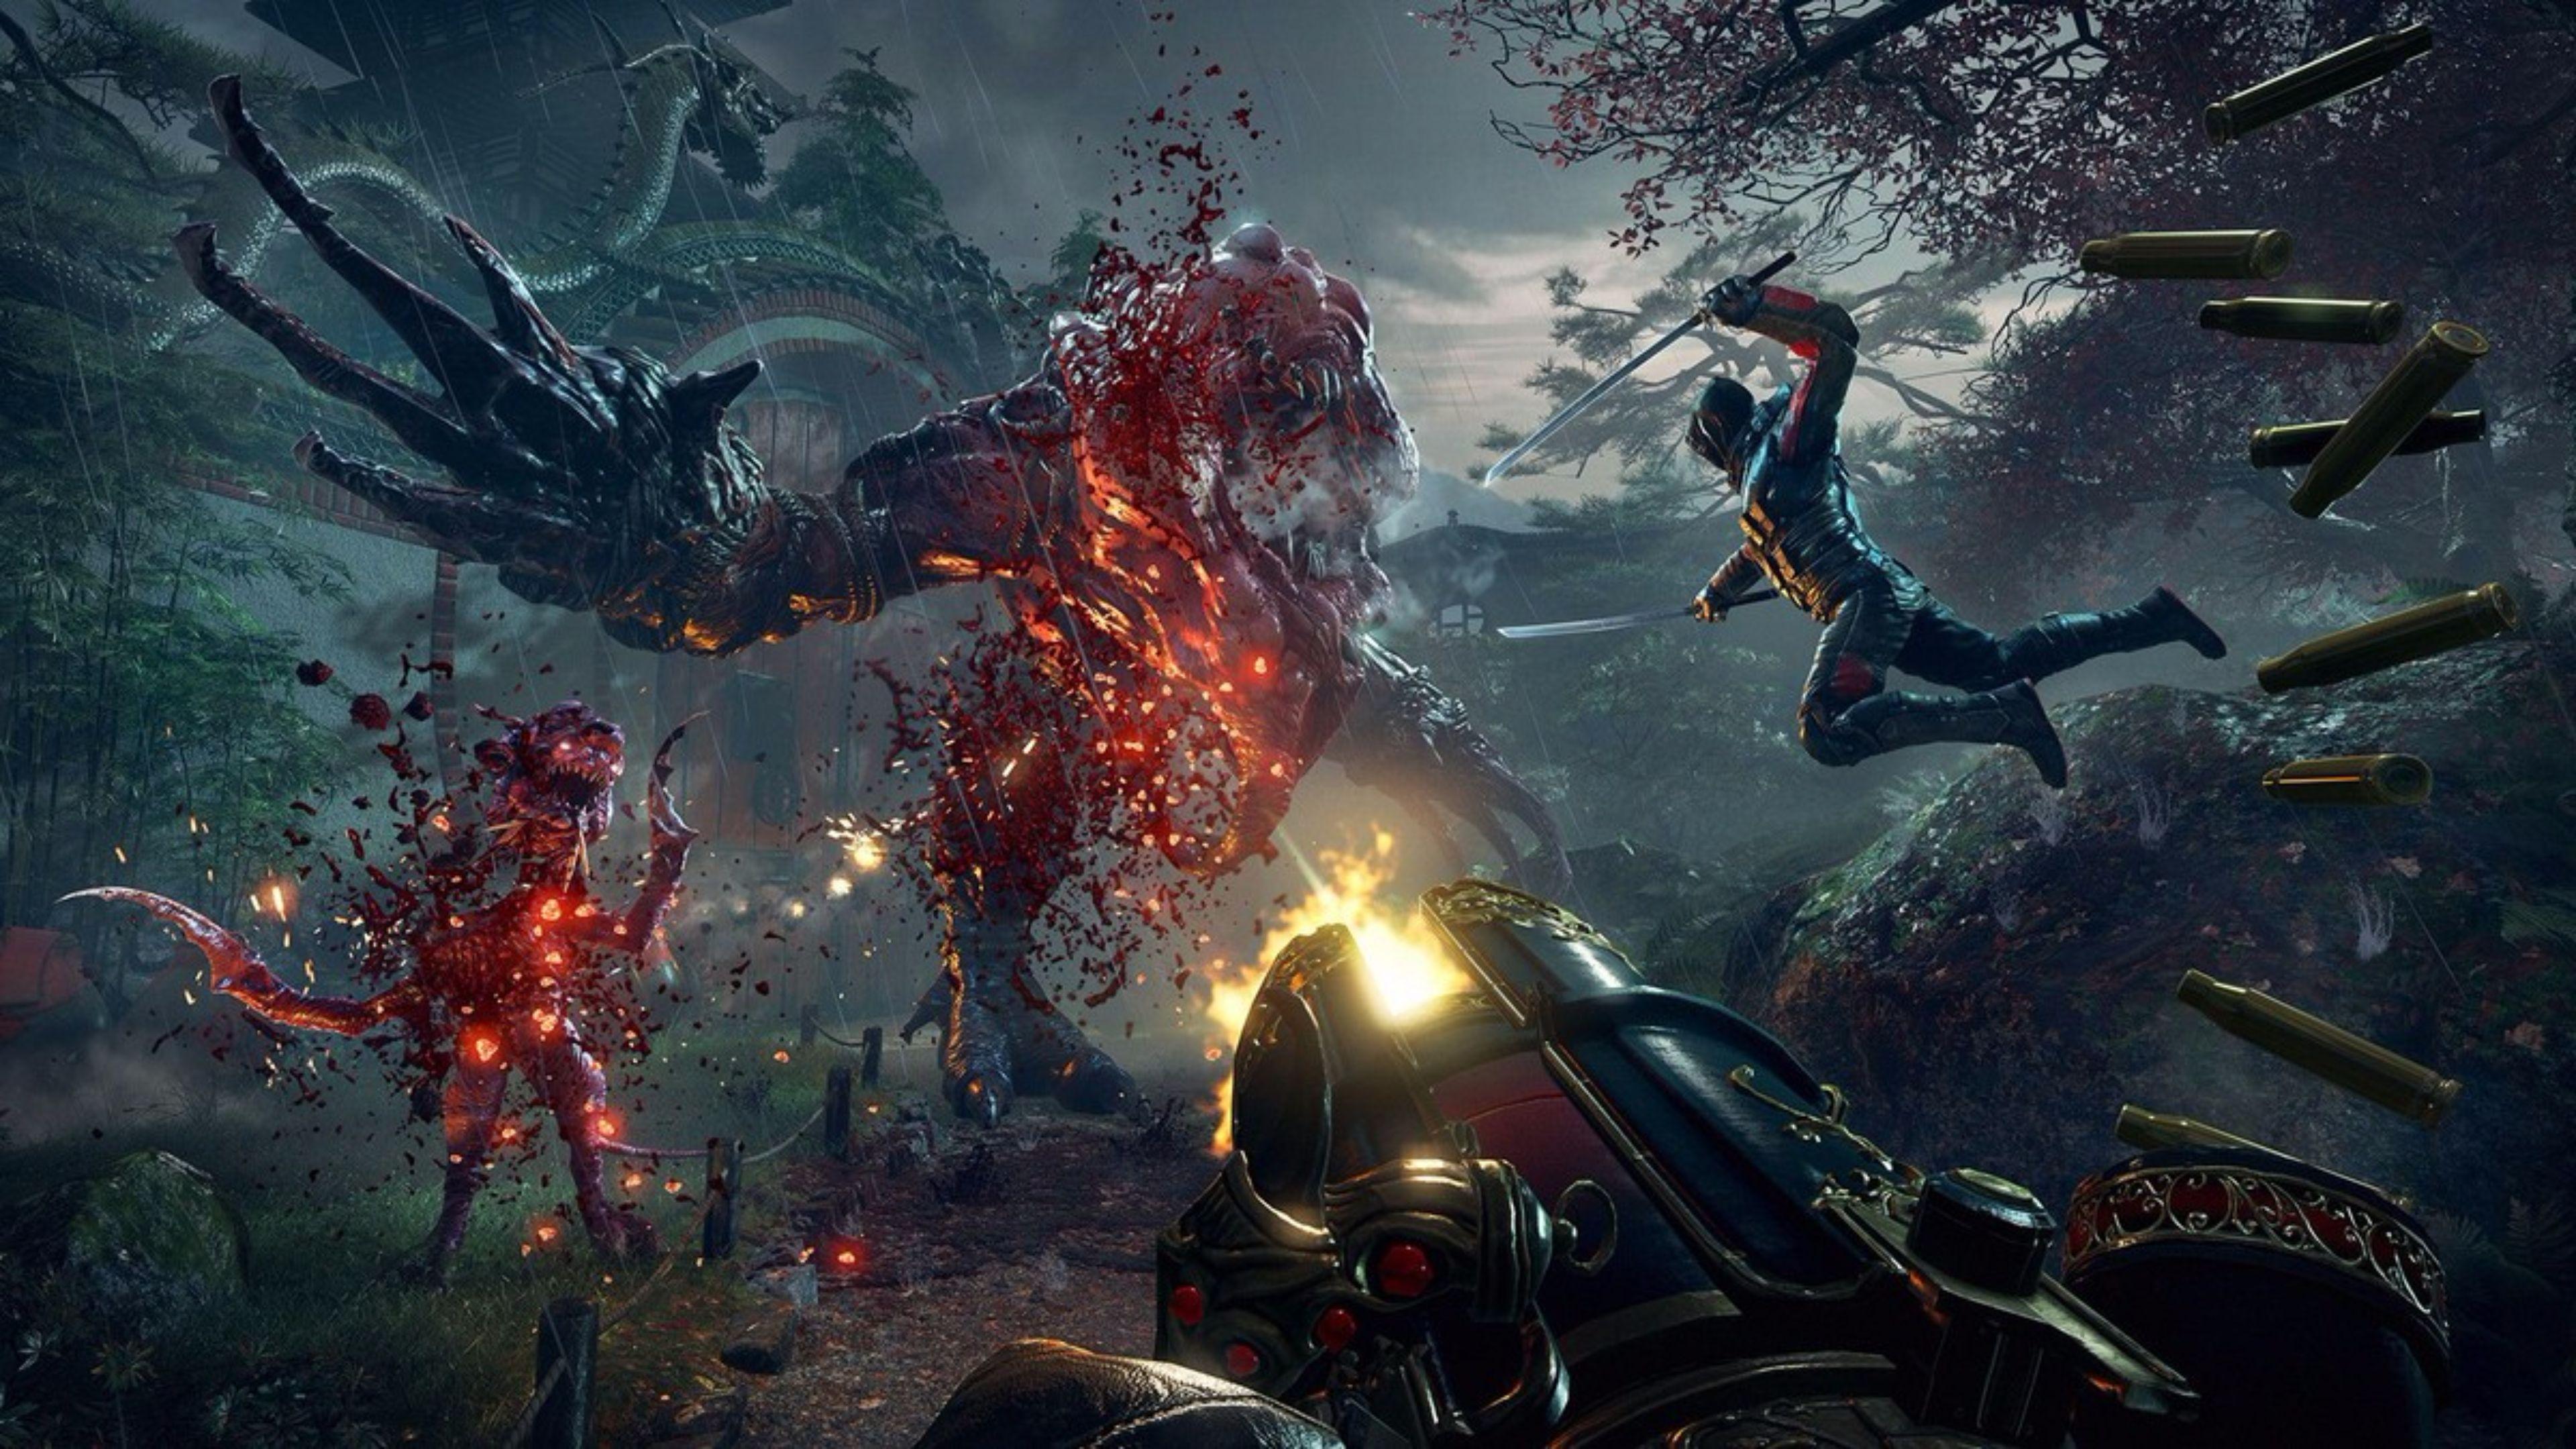 Deus Ex Mankind Divided Gameplay Wallpaper 50945 3840x2160px